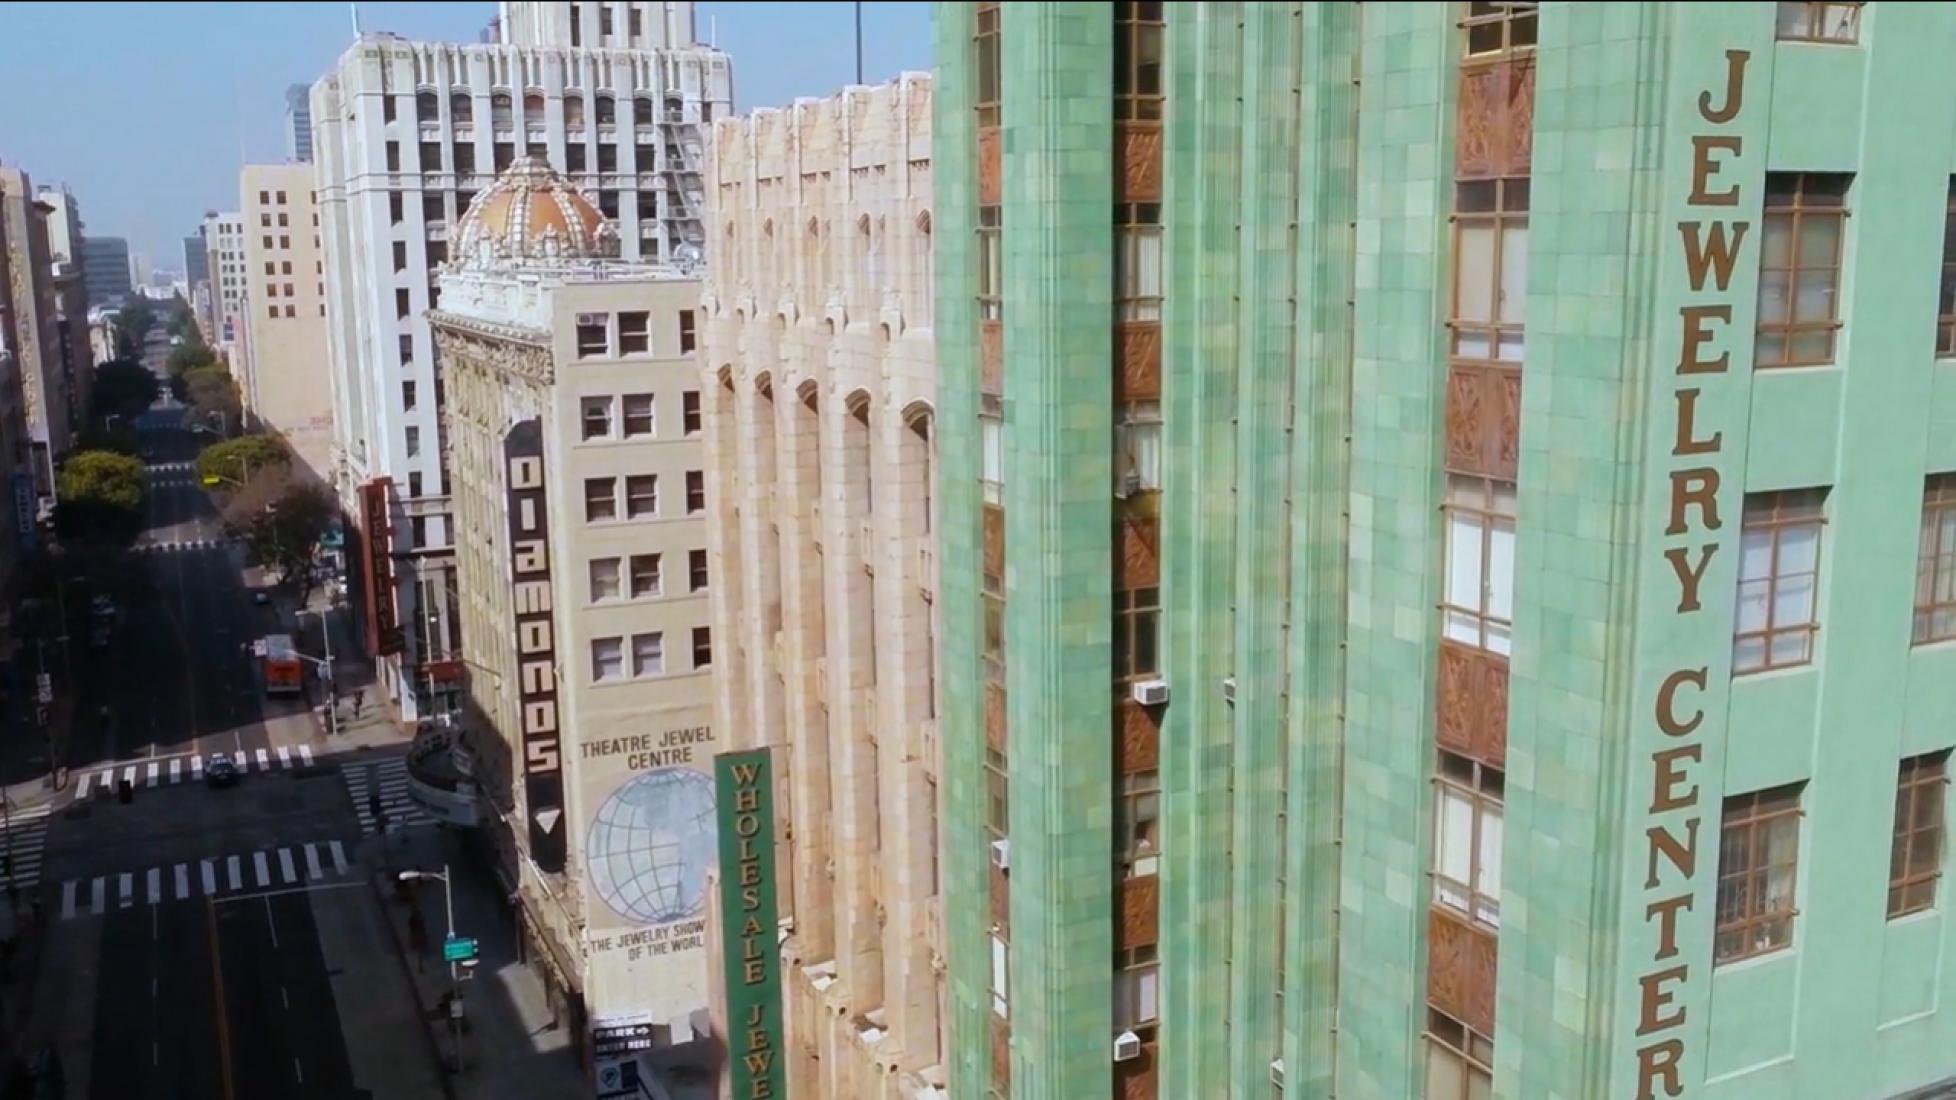 Corte de vídeo, Downtown Los Angeles por Ian Wood